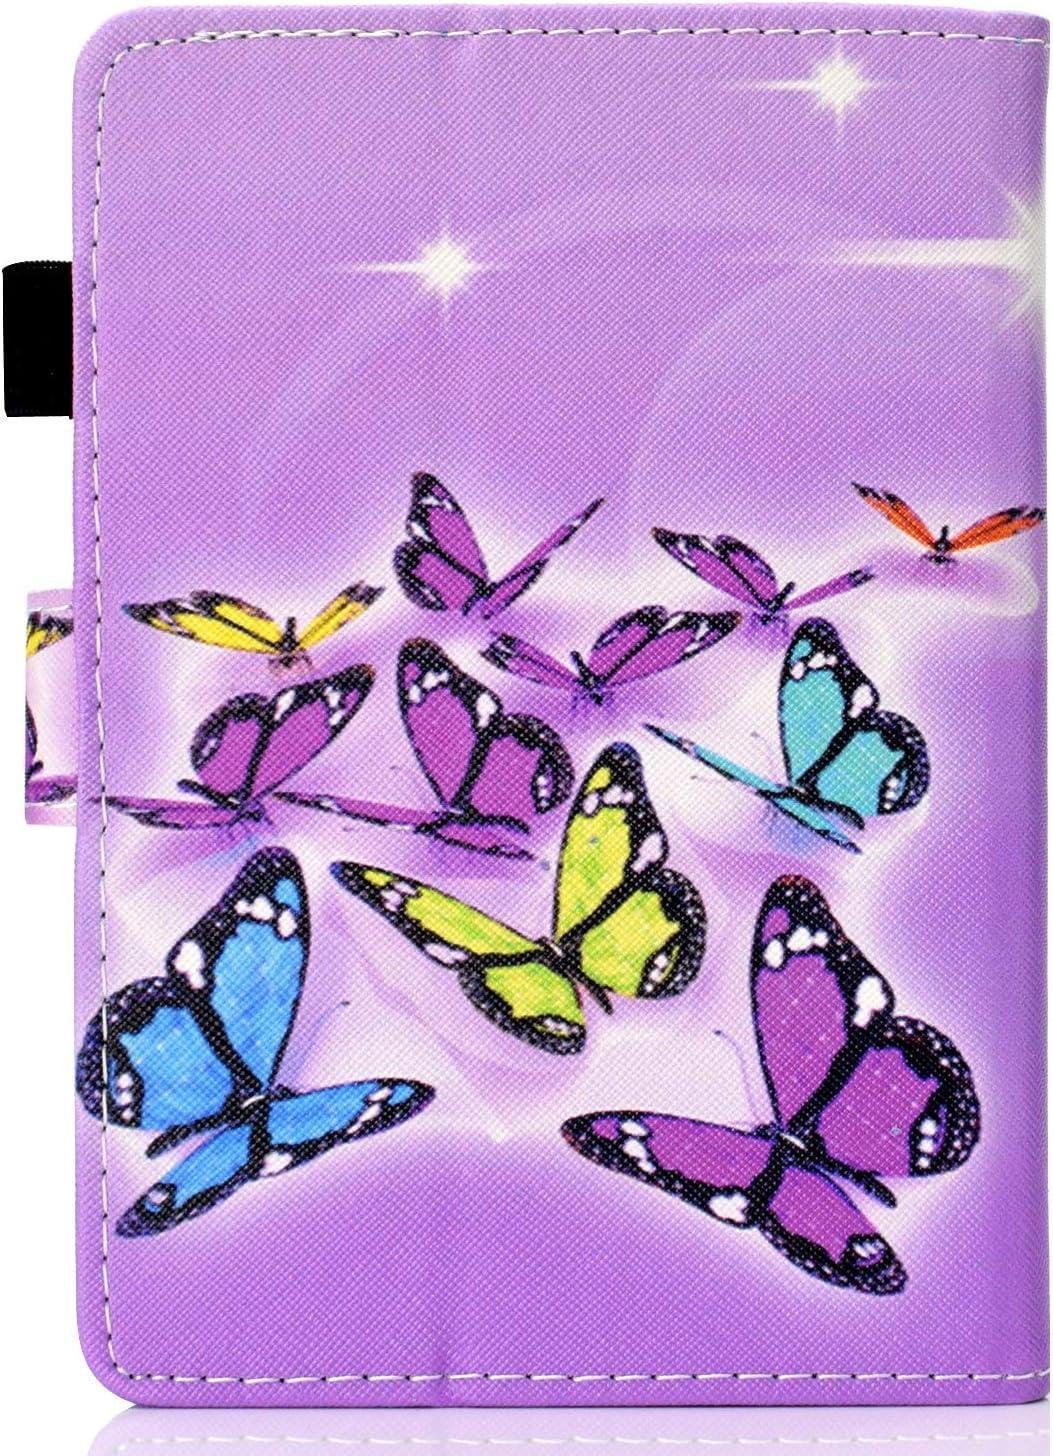 Felfy Kompatibel mit H/ülle  Kindle Paperwhite 2016 2015 2013 2012 Leder Flip Case Tasche Bunt Muster Tablet Klappst/änder mit St/änder Funktion Schutzh/ülle mit Automatischem Schlaf Funktion